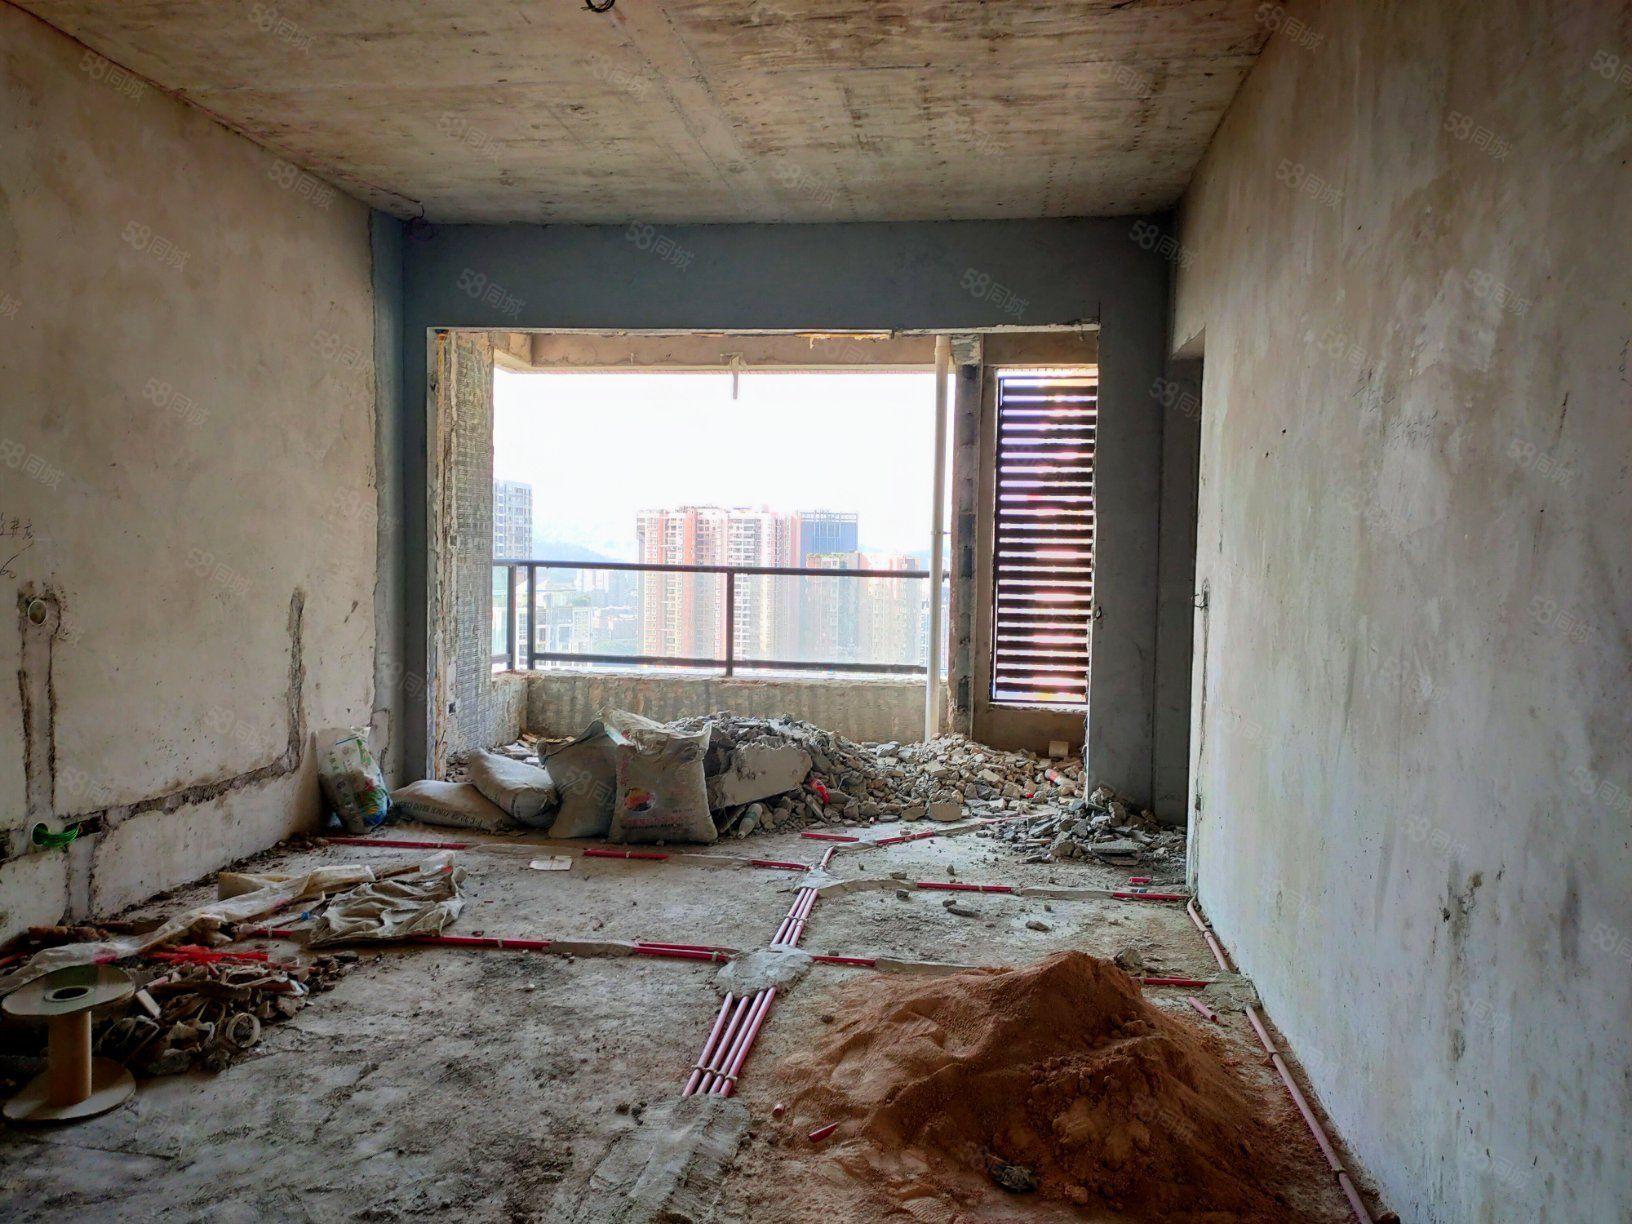 花果山六号江景毛坯房三室两厅两卫水电已装好